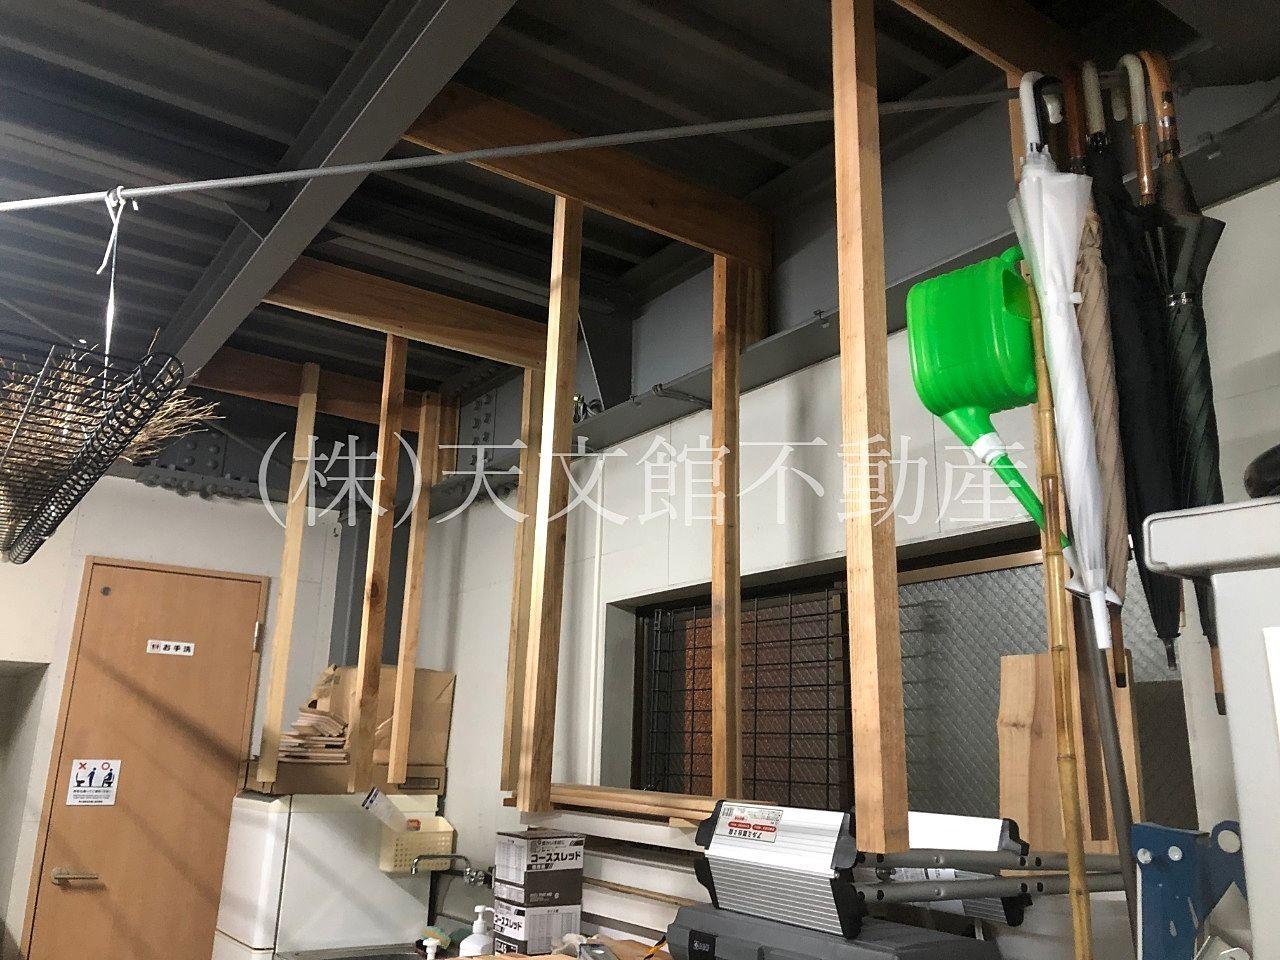 鹿児島市で不動産を売却予定の方は天文館不動産にお任せください。